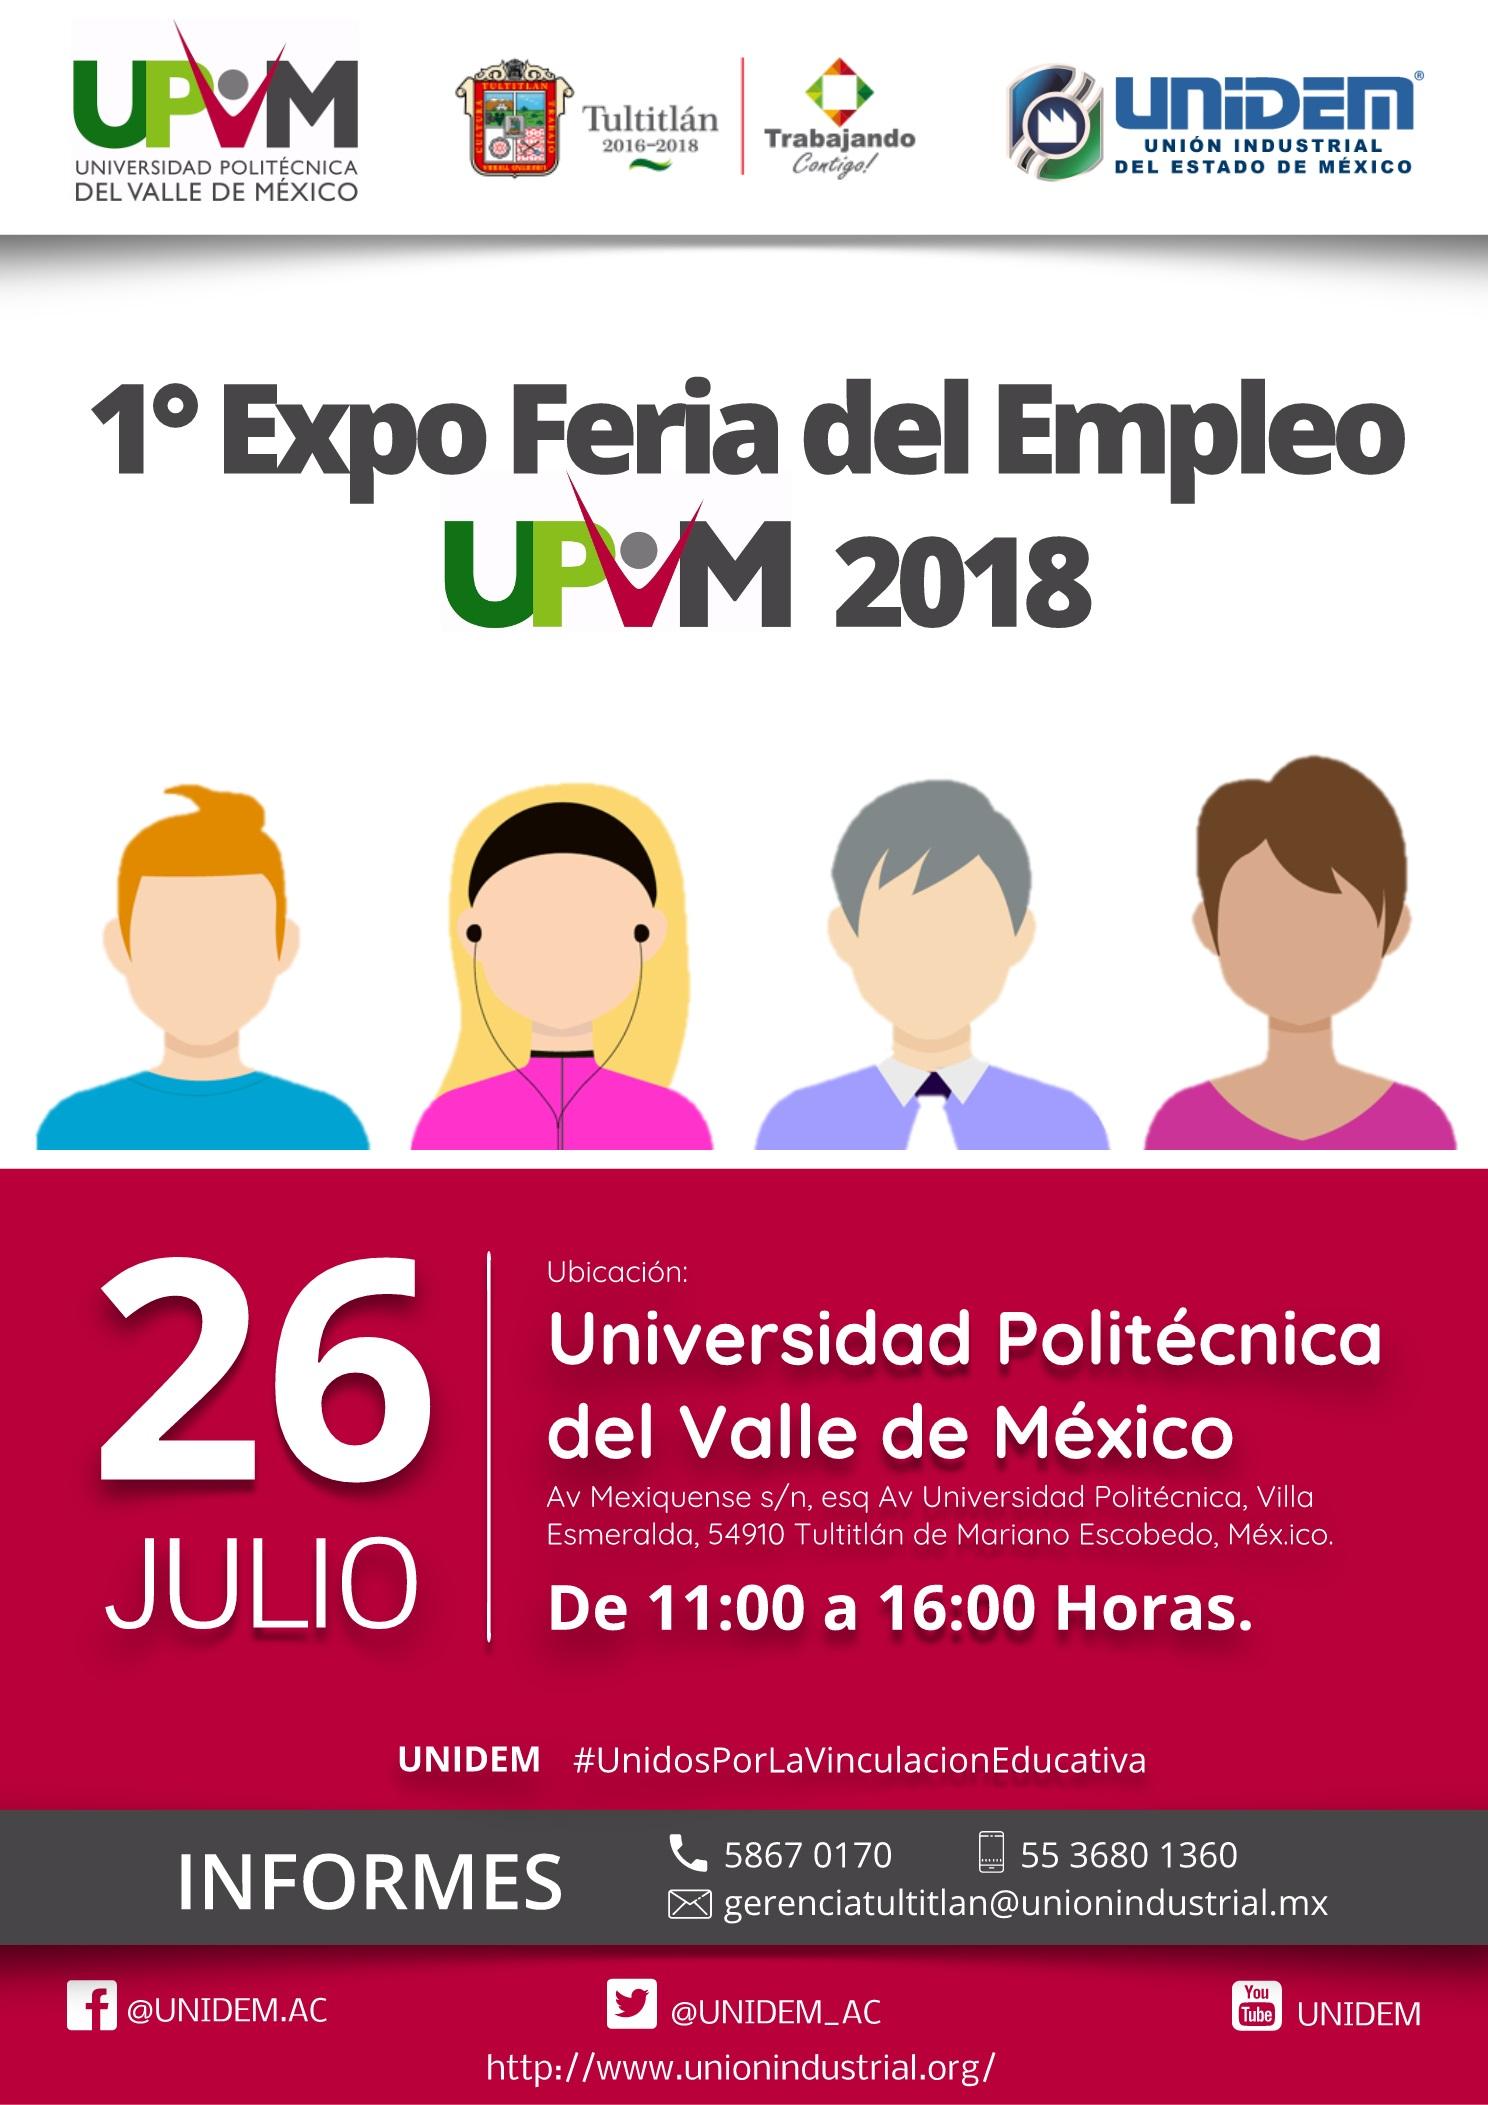 UNIDEM - 1 Expo Feria del Empleo UPVM 2018